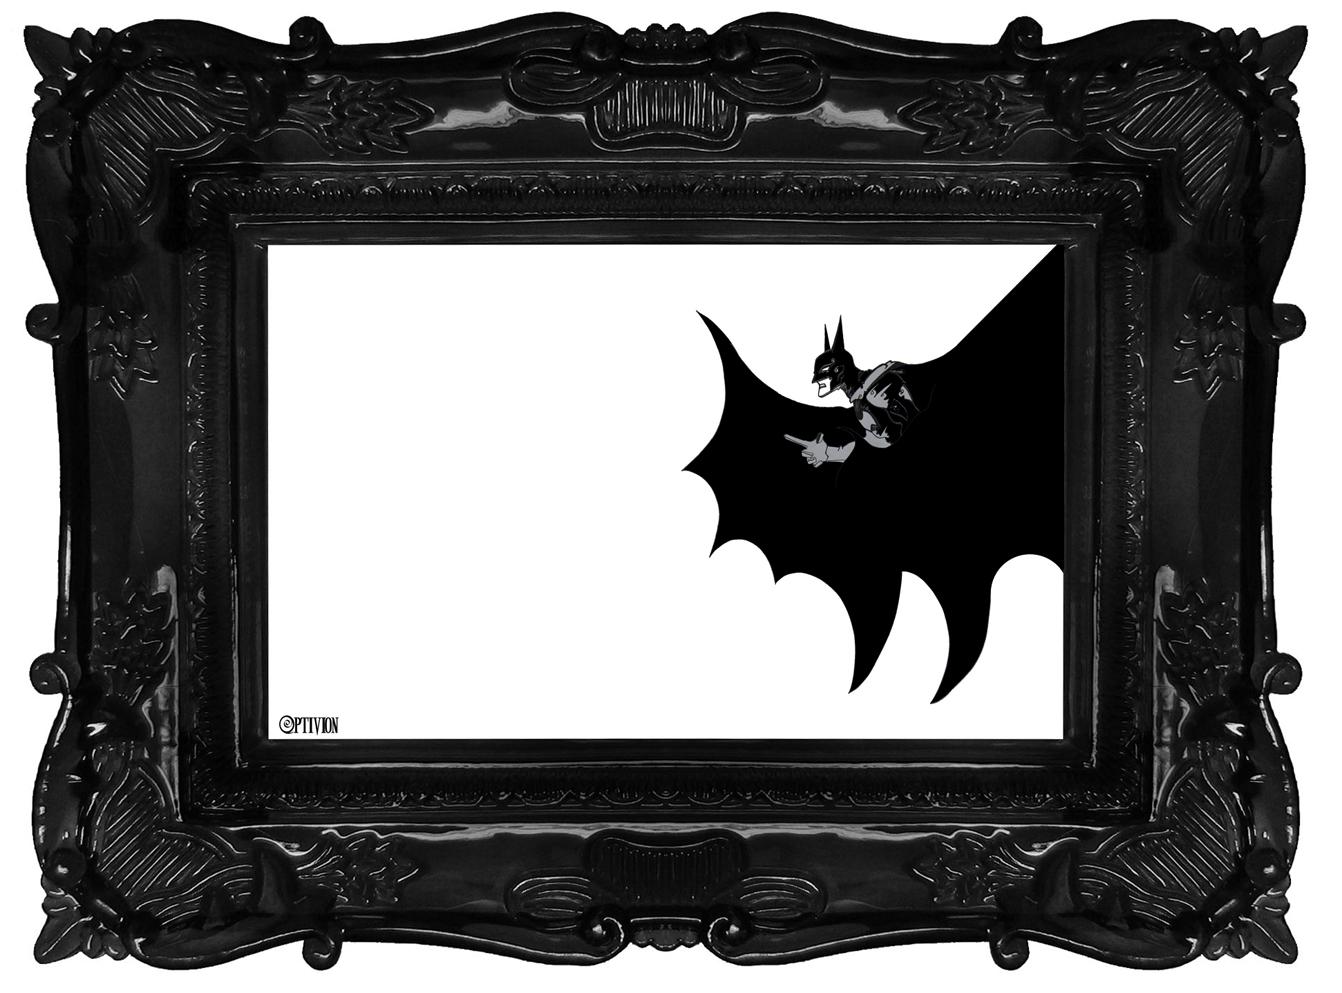 Gotham – OptivioN